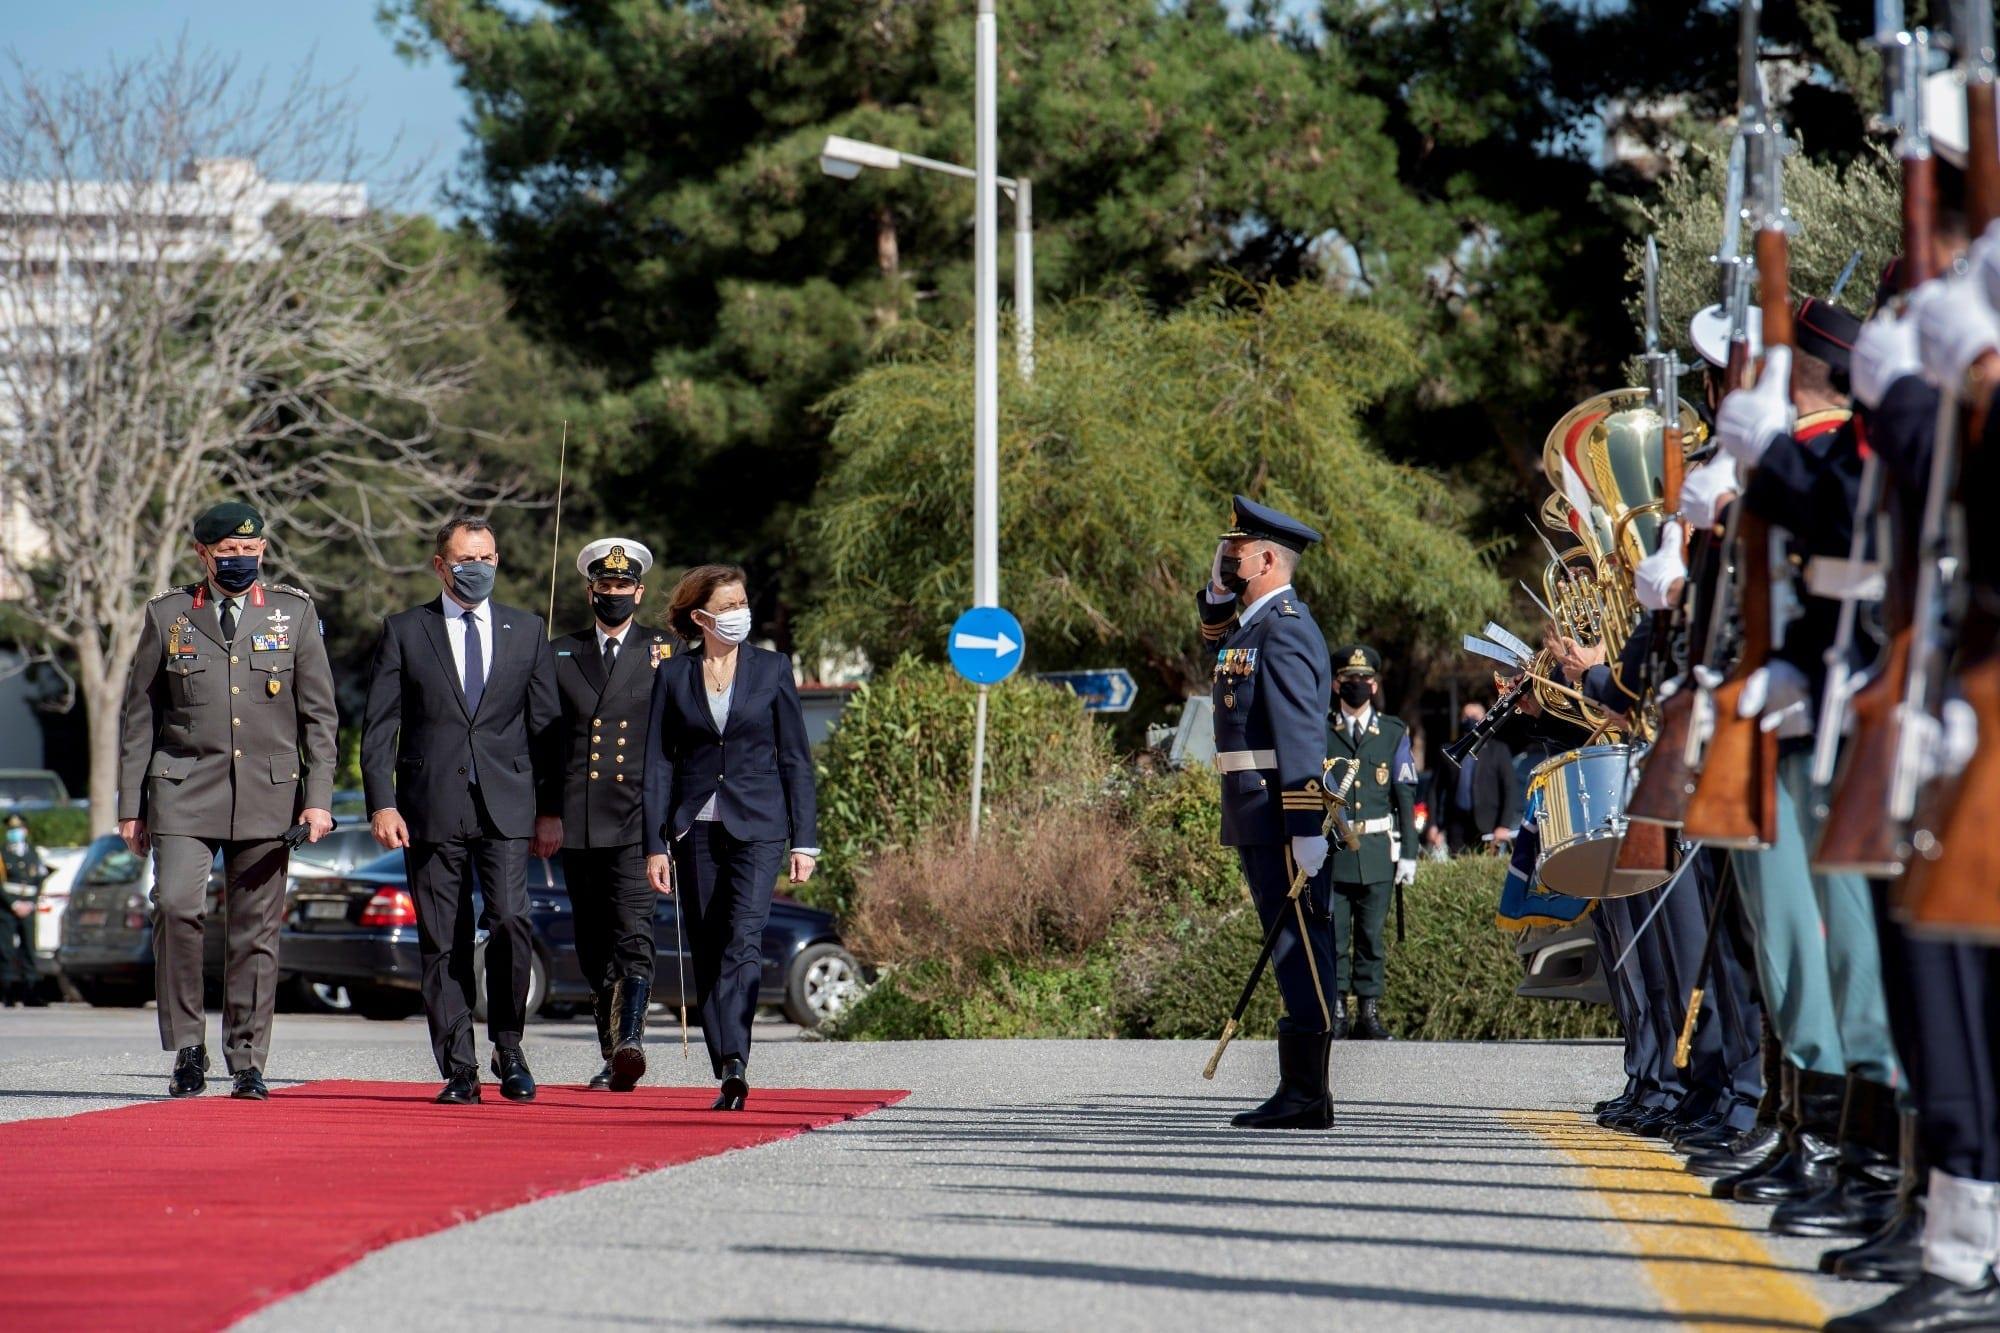 Ελλάδα - Γαλλία: Τι είχε στην «βαλίτσα» της η Φλοράνς Παρλί